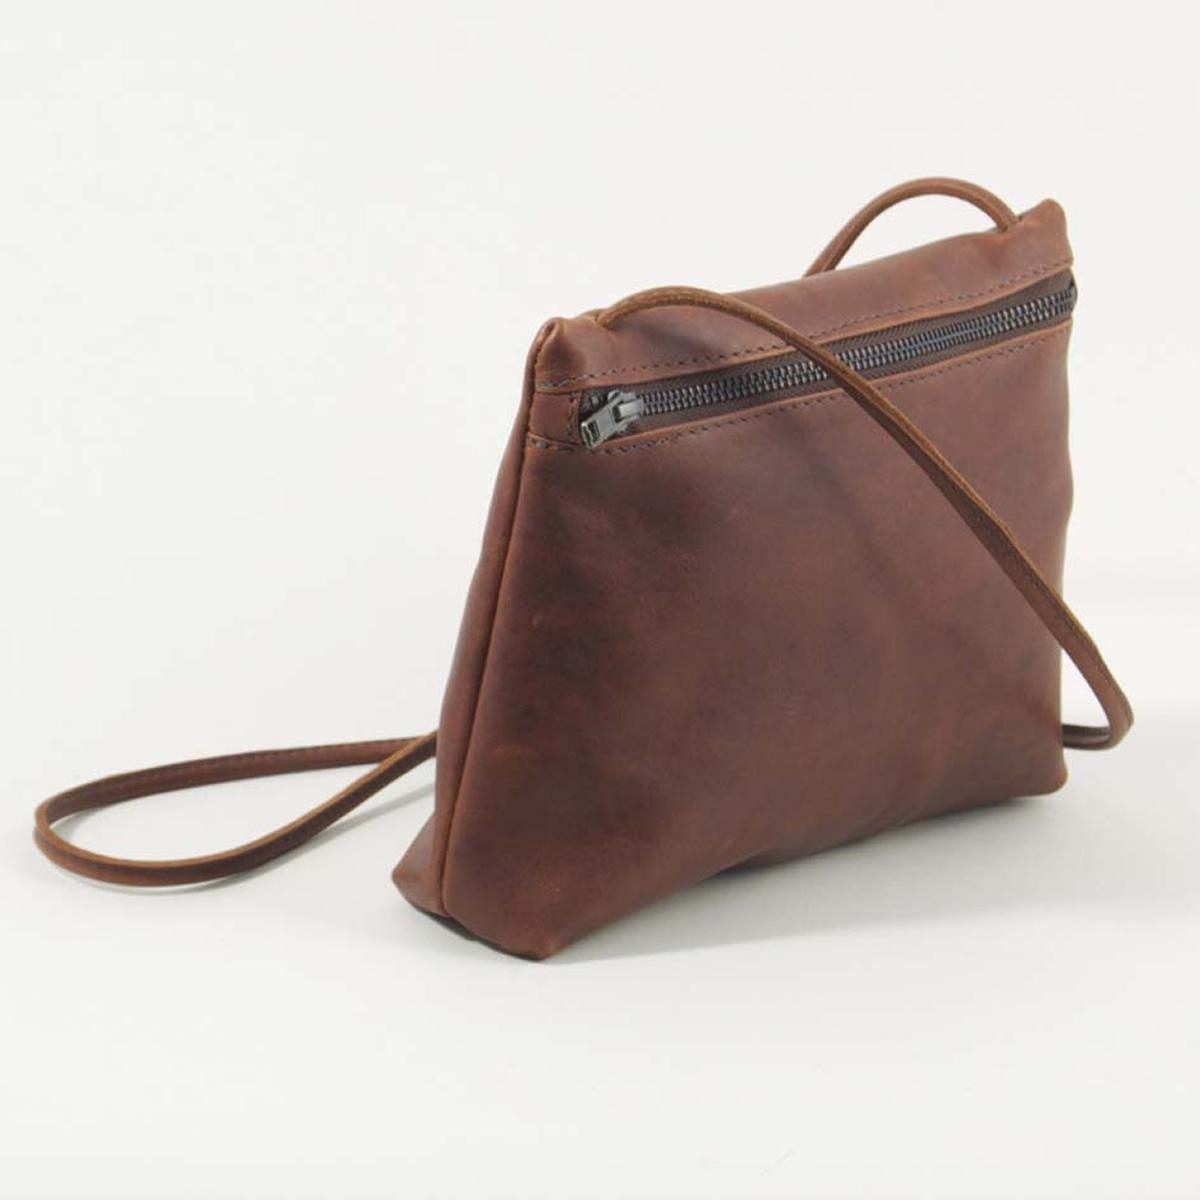 The Pocket Bag